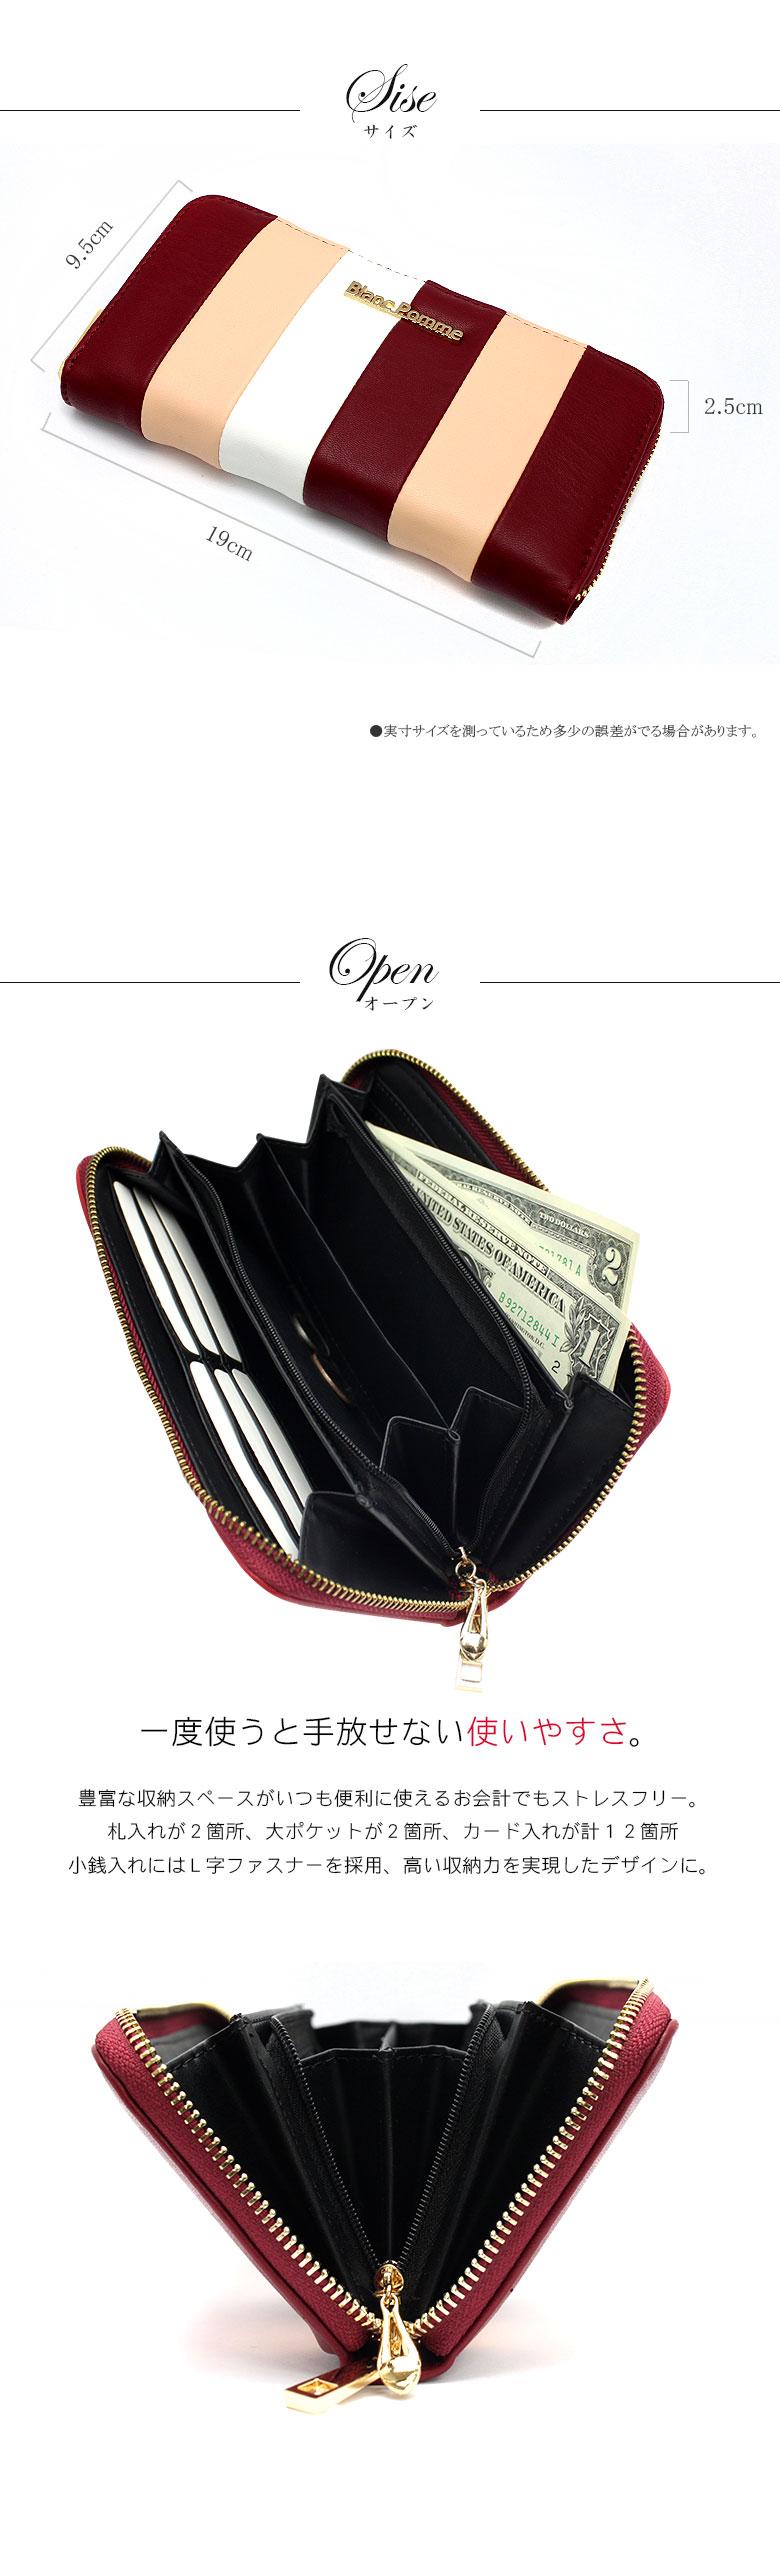 財布 通販 ストライプ ロングウォレット3色展開 合成皮革